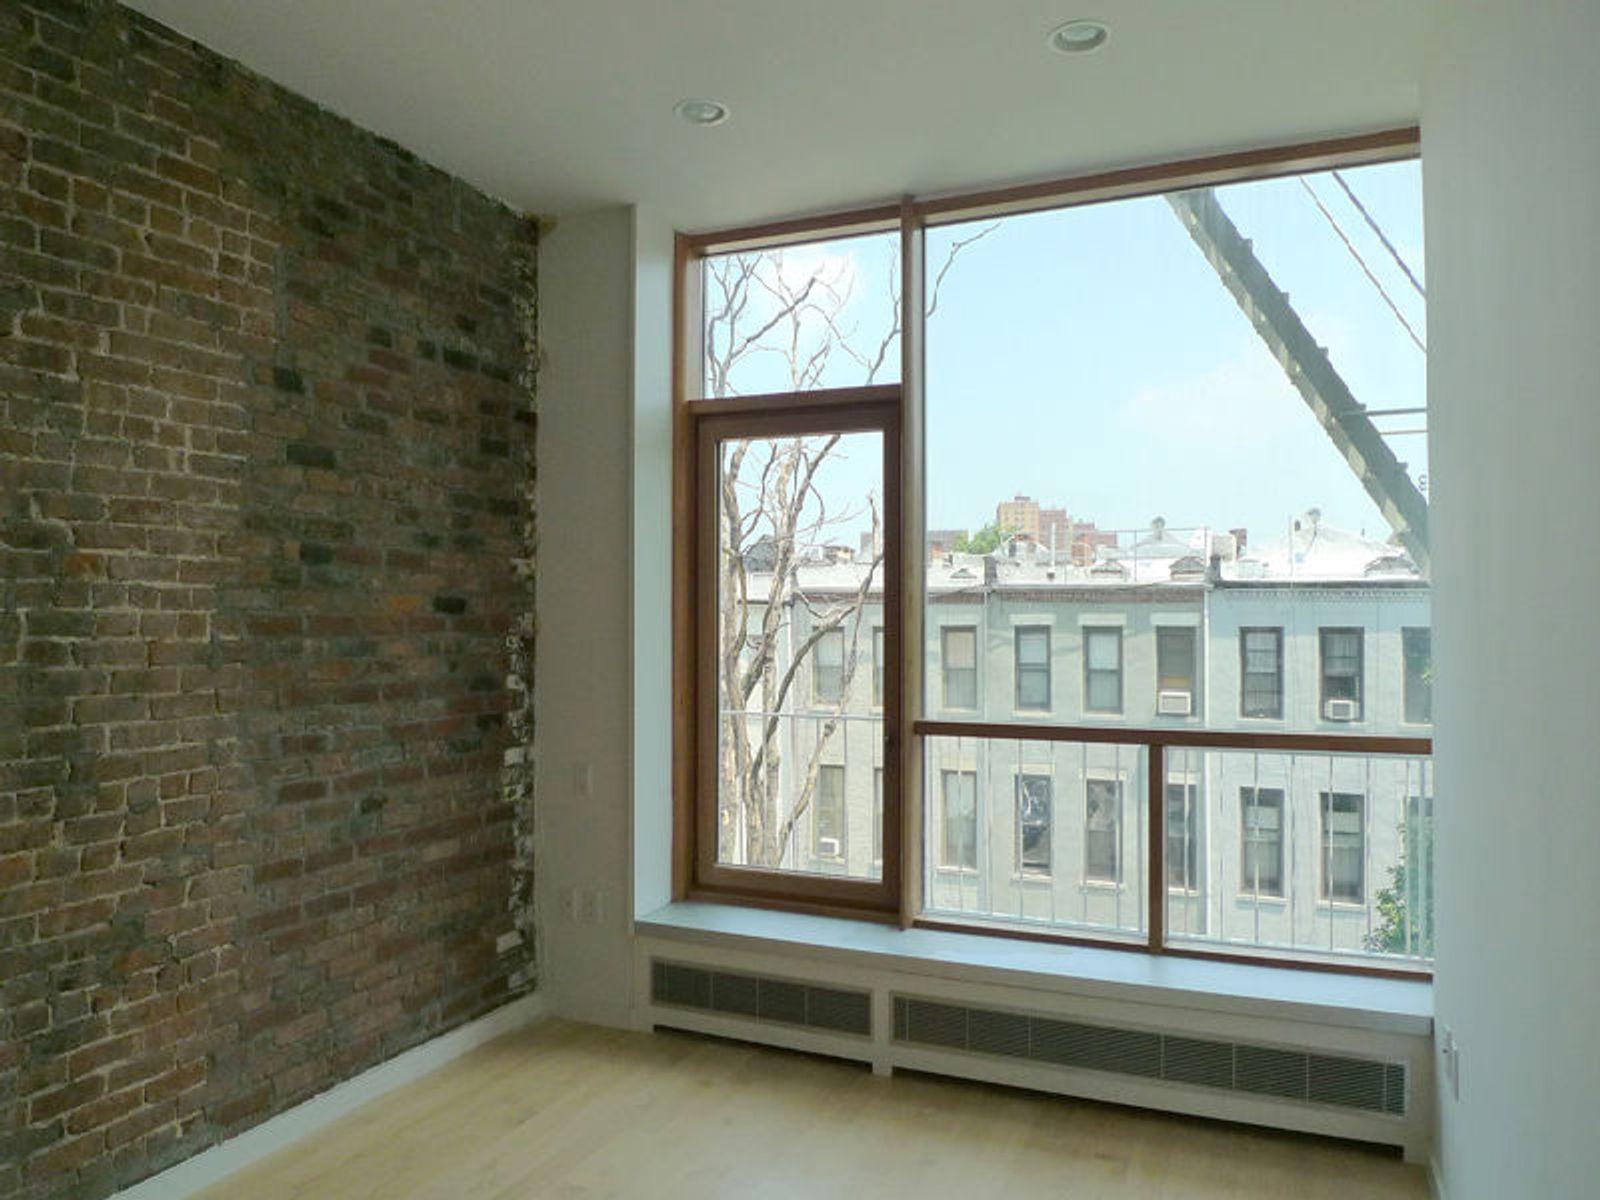 Striver's Lofts: 223 W. 135th Street, 4